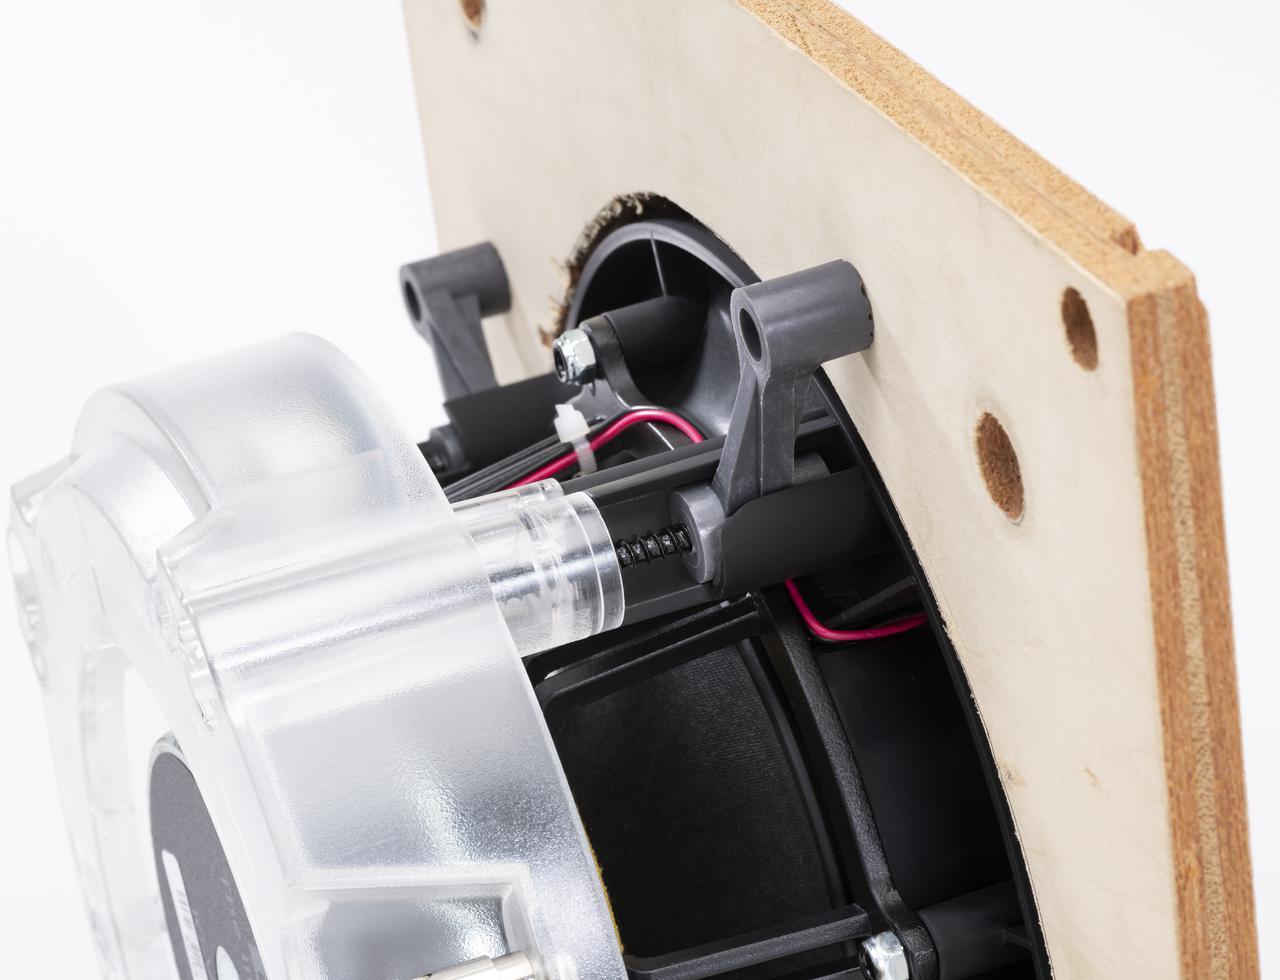 画像: 取付け用ネジは、前面からねじ込んでいくと、写真のホルダーがユニット外側に回転し、壁面とがっちり固定する仕組み。壁面の板厚は10〜20mmに対応する